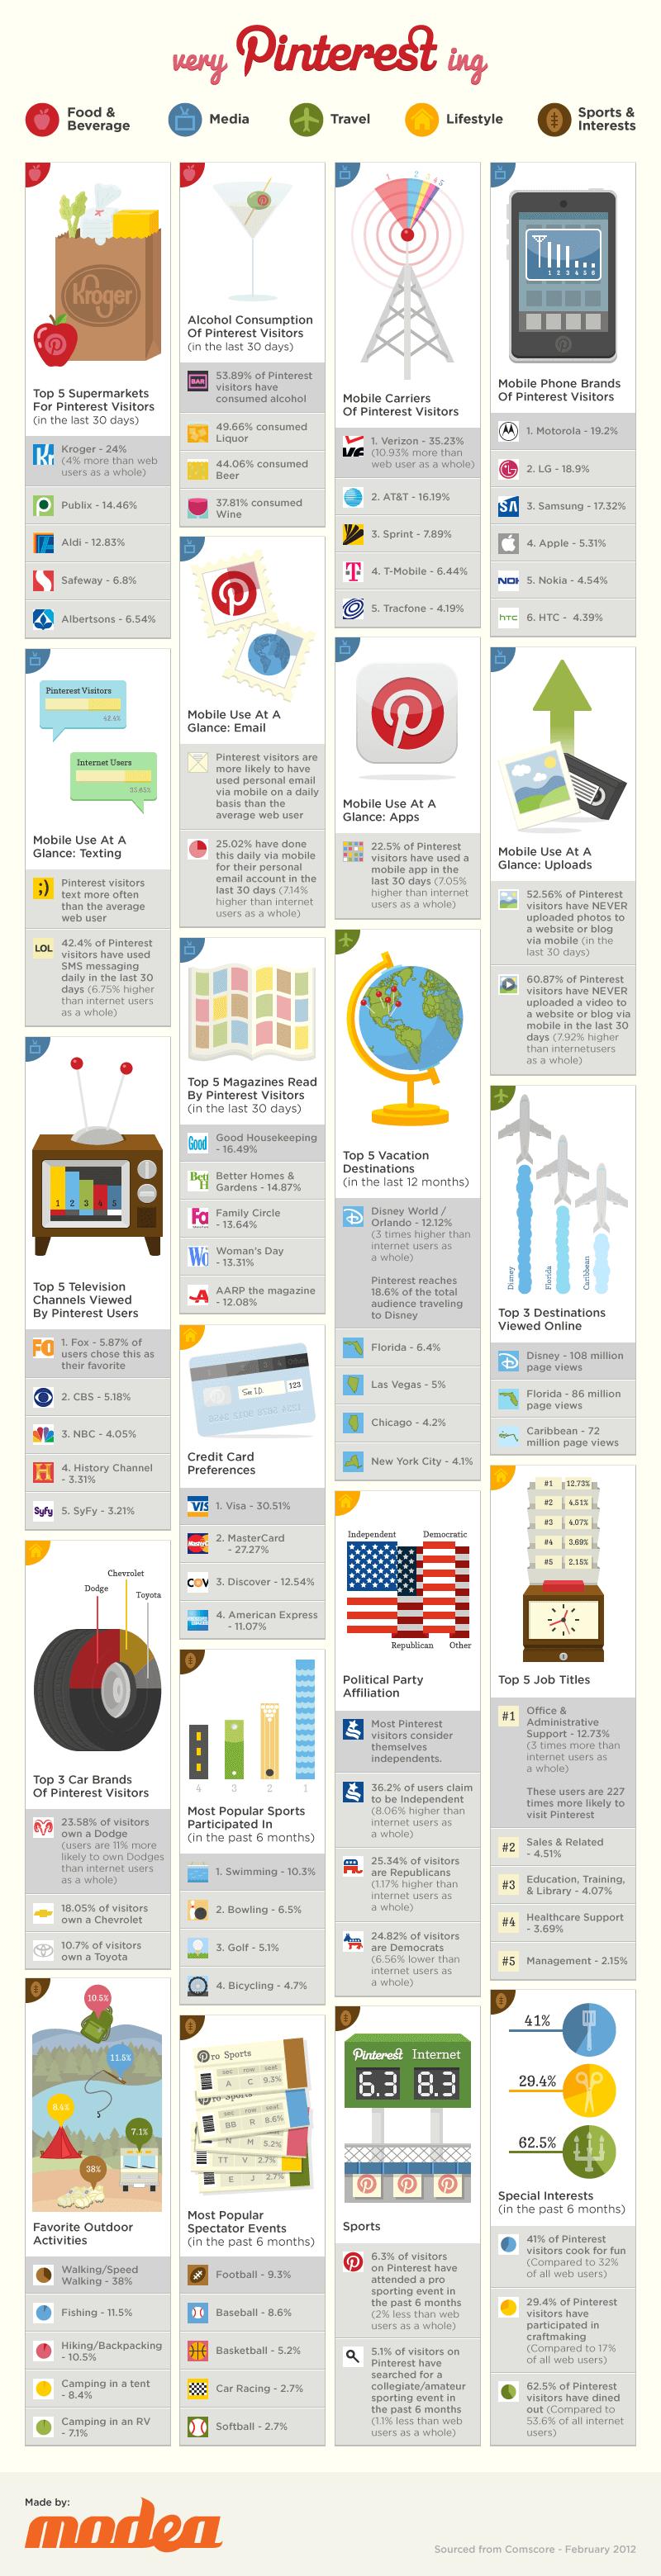 pinterest partdeux infographic 1